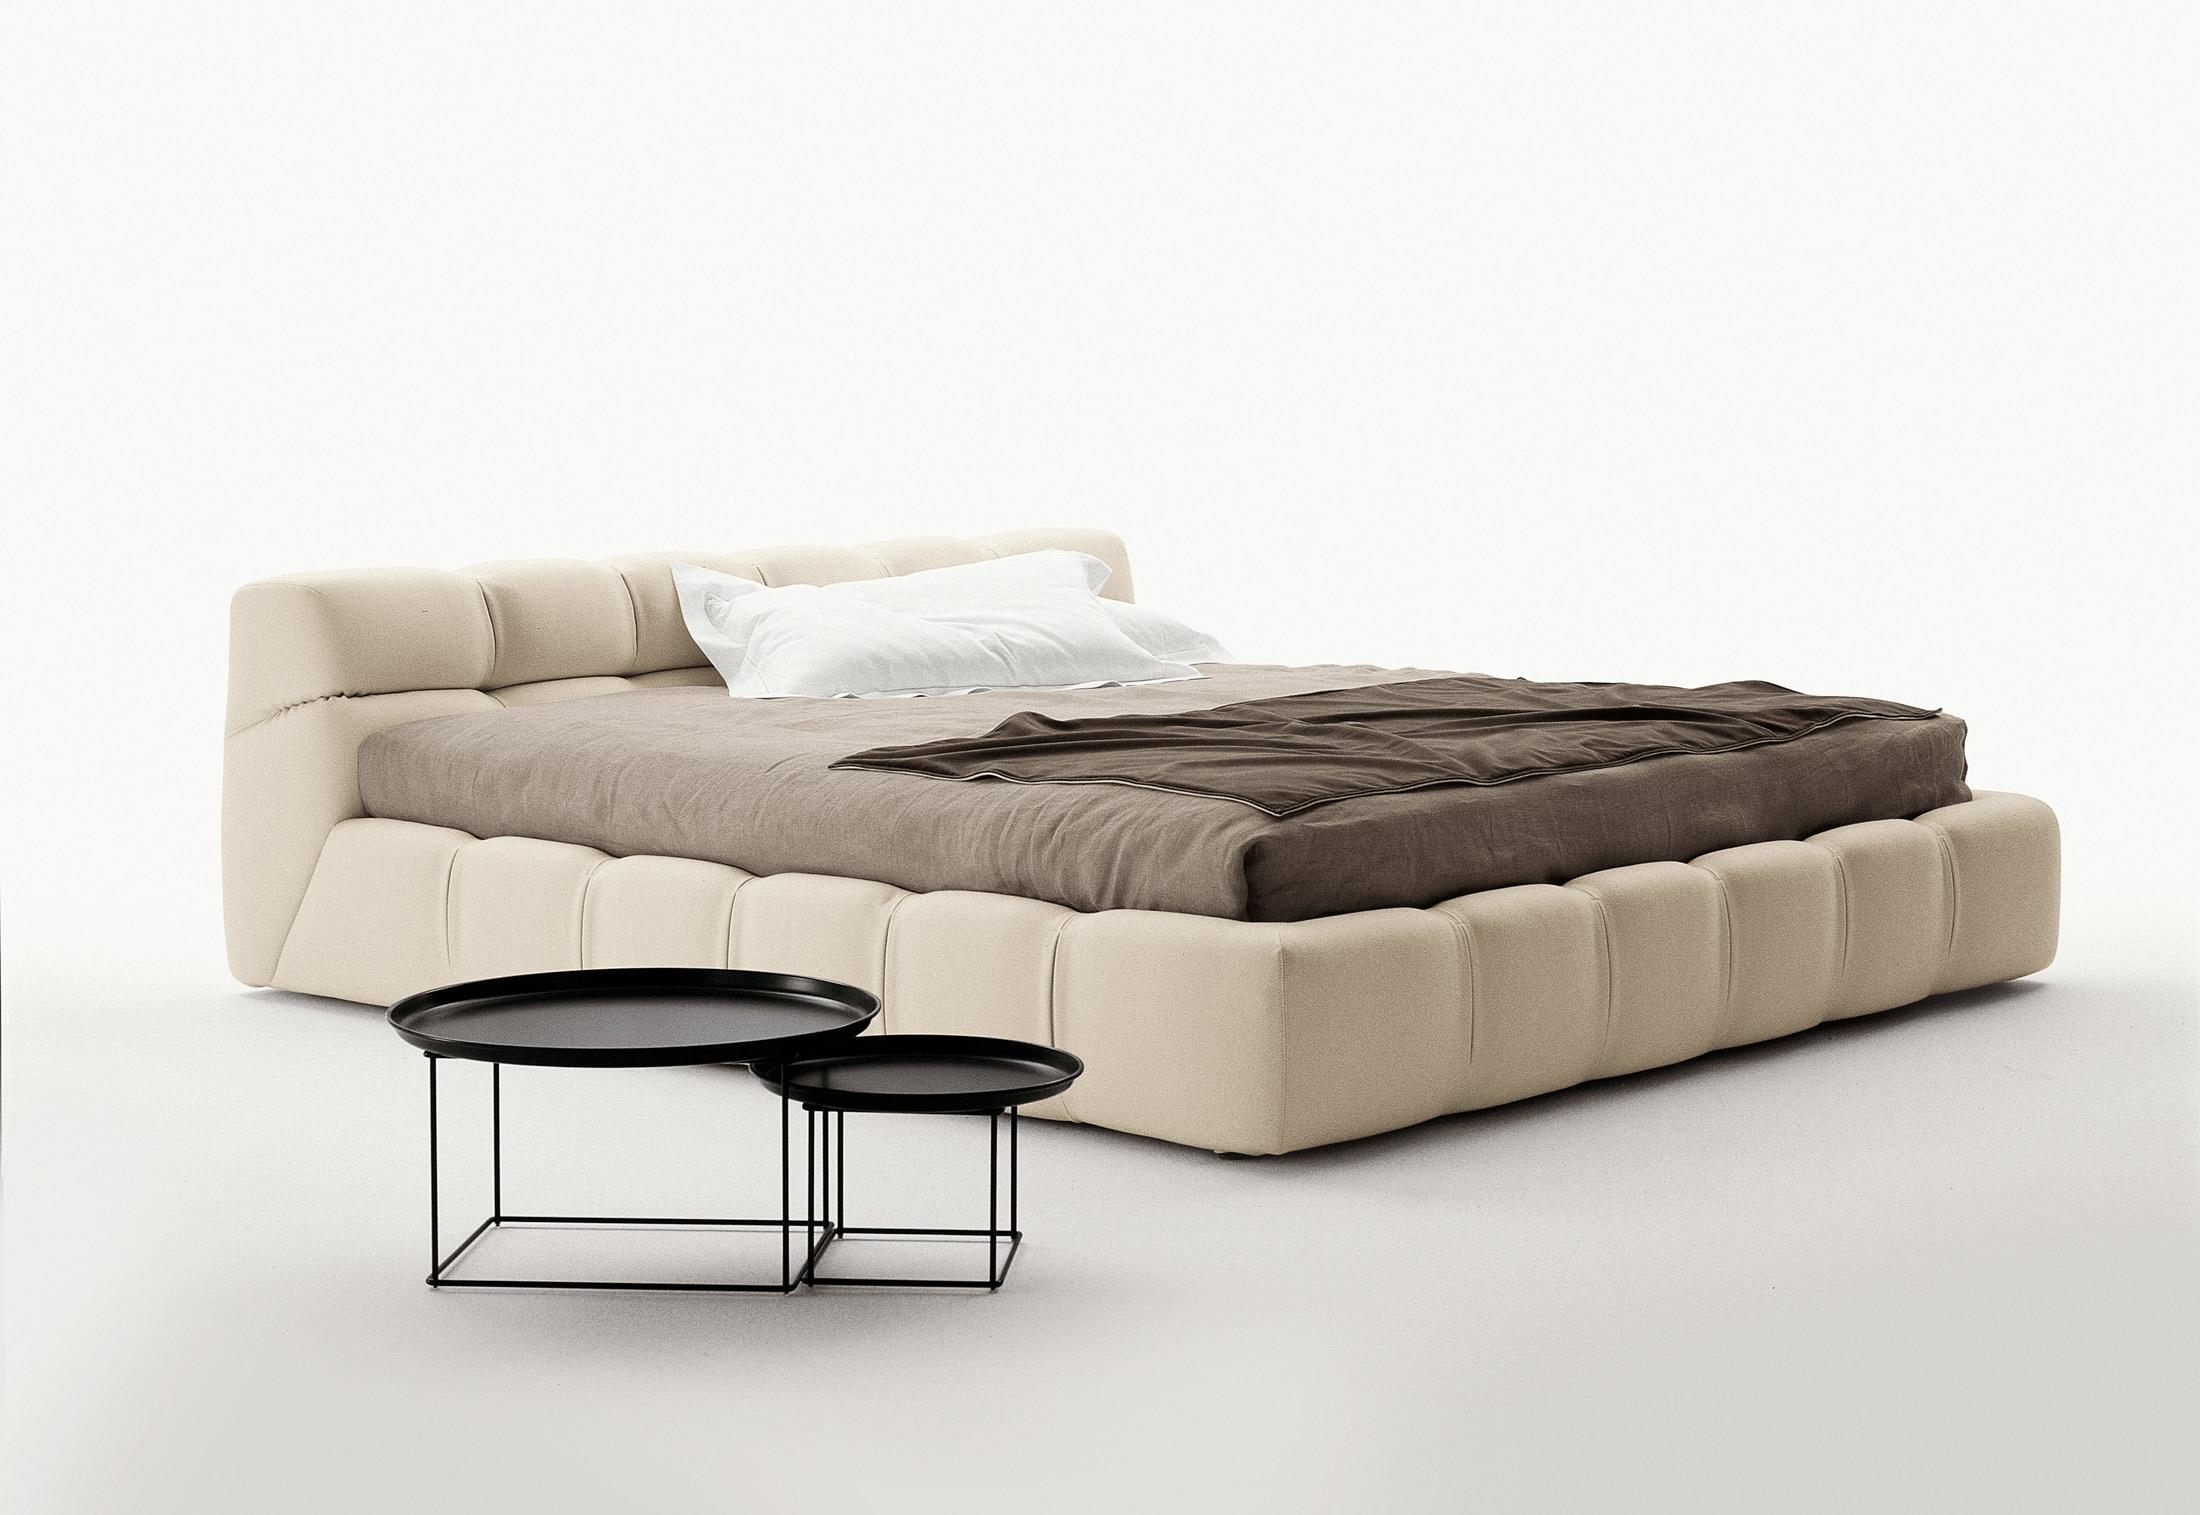 tufty bed di b b italia letti co arredamento mollura home design. Black Bedroom Furniture Sets. Home Design Ideas